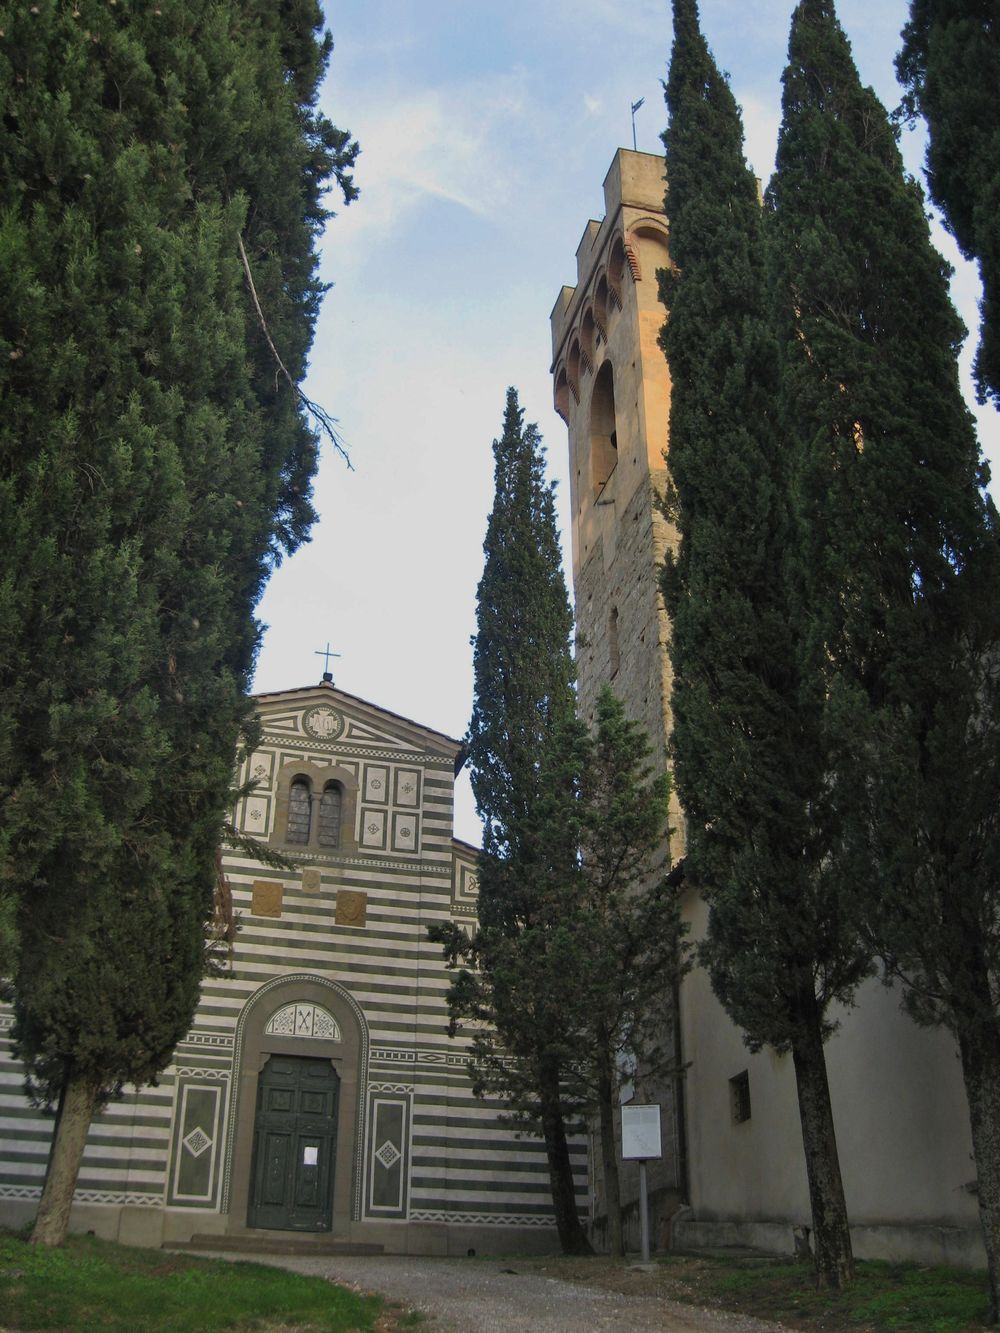 Montespertoli - Dolci colline modellate da mani sapienti - Toscana Ovunque Bella